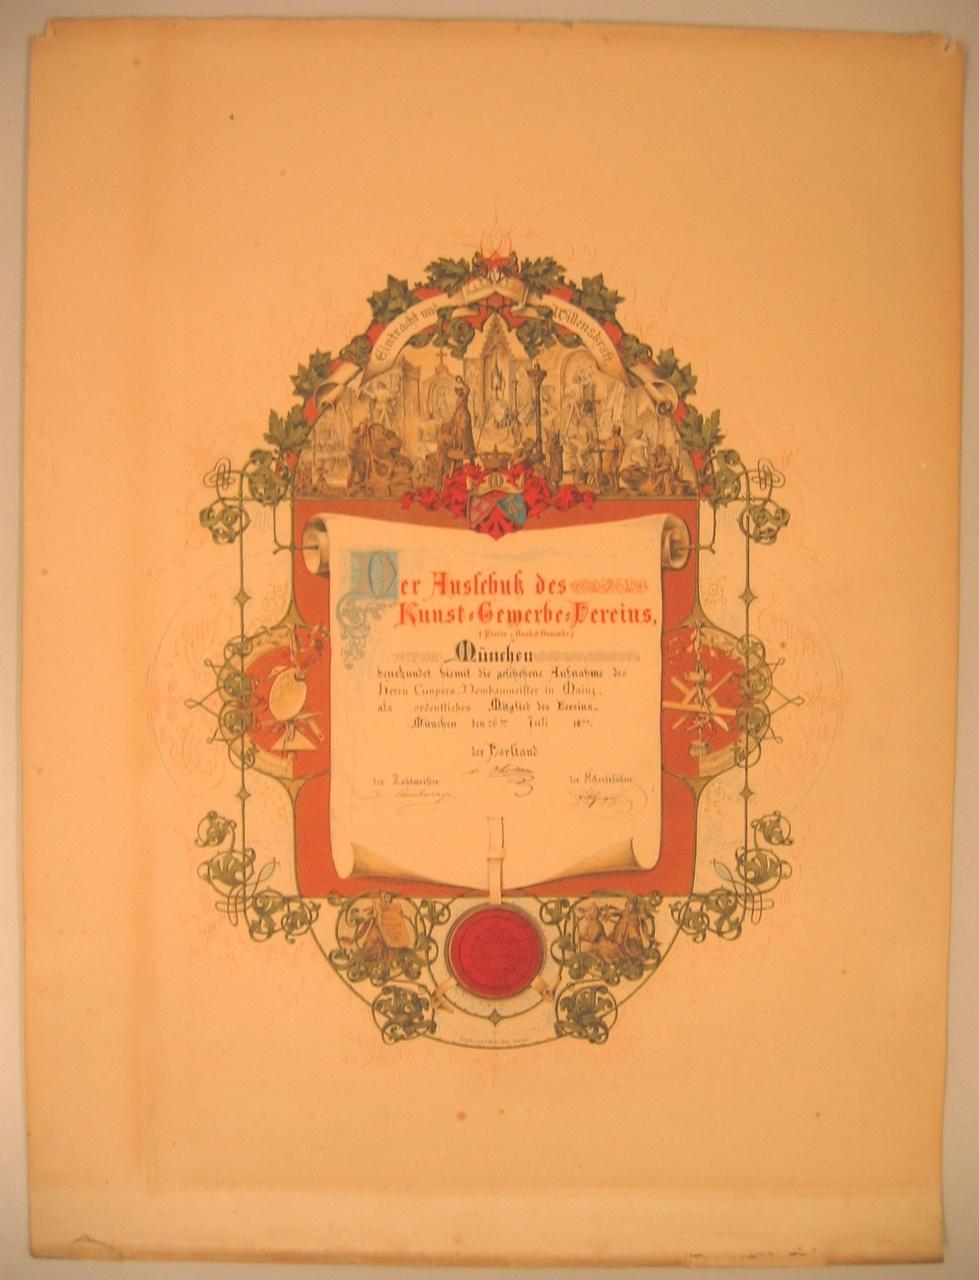 Lidmaatschap van de Kunst Gewerbe Vereins München aan P.J.H. Cuypers